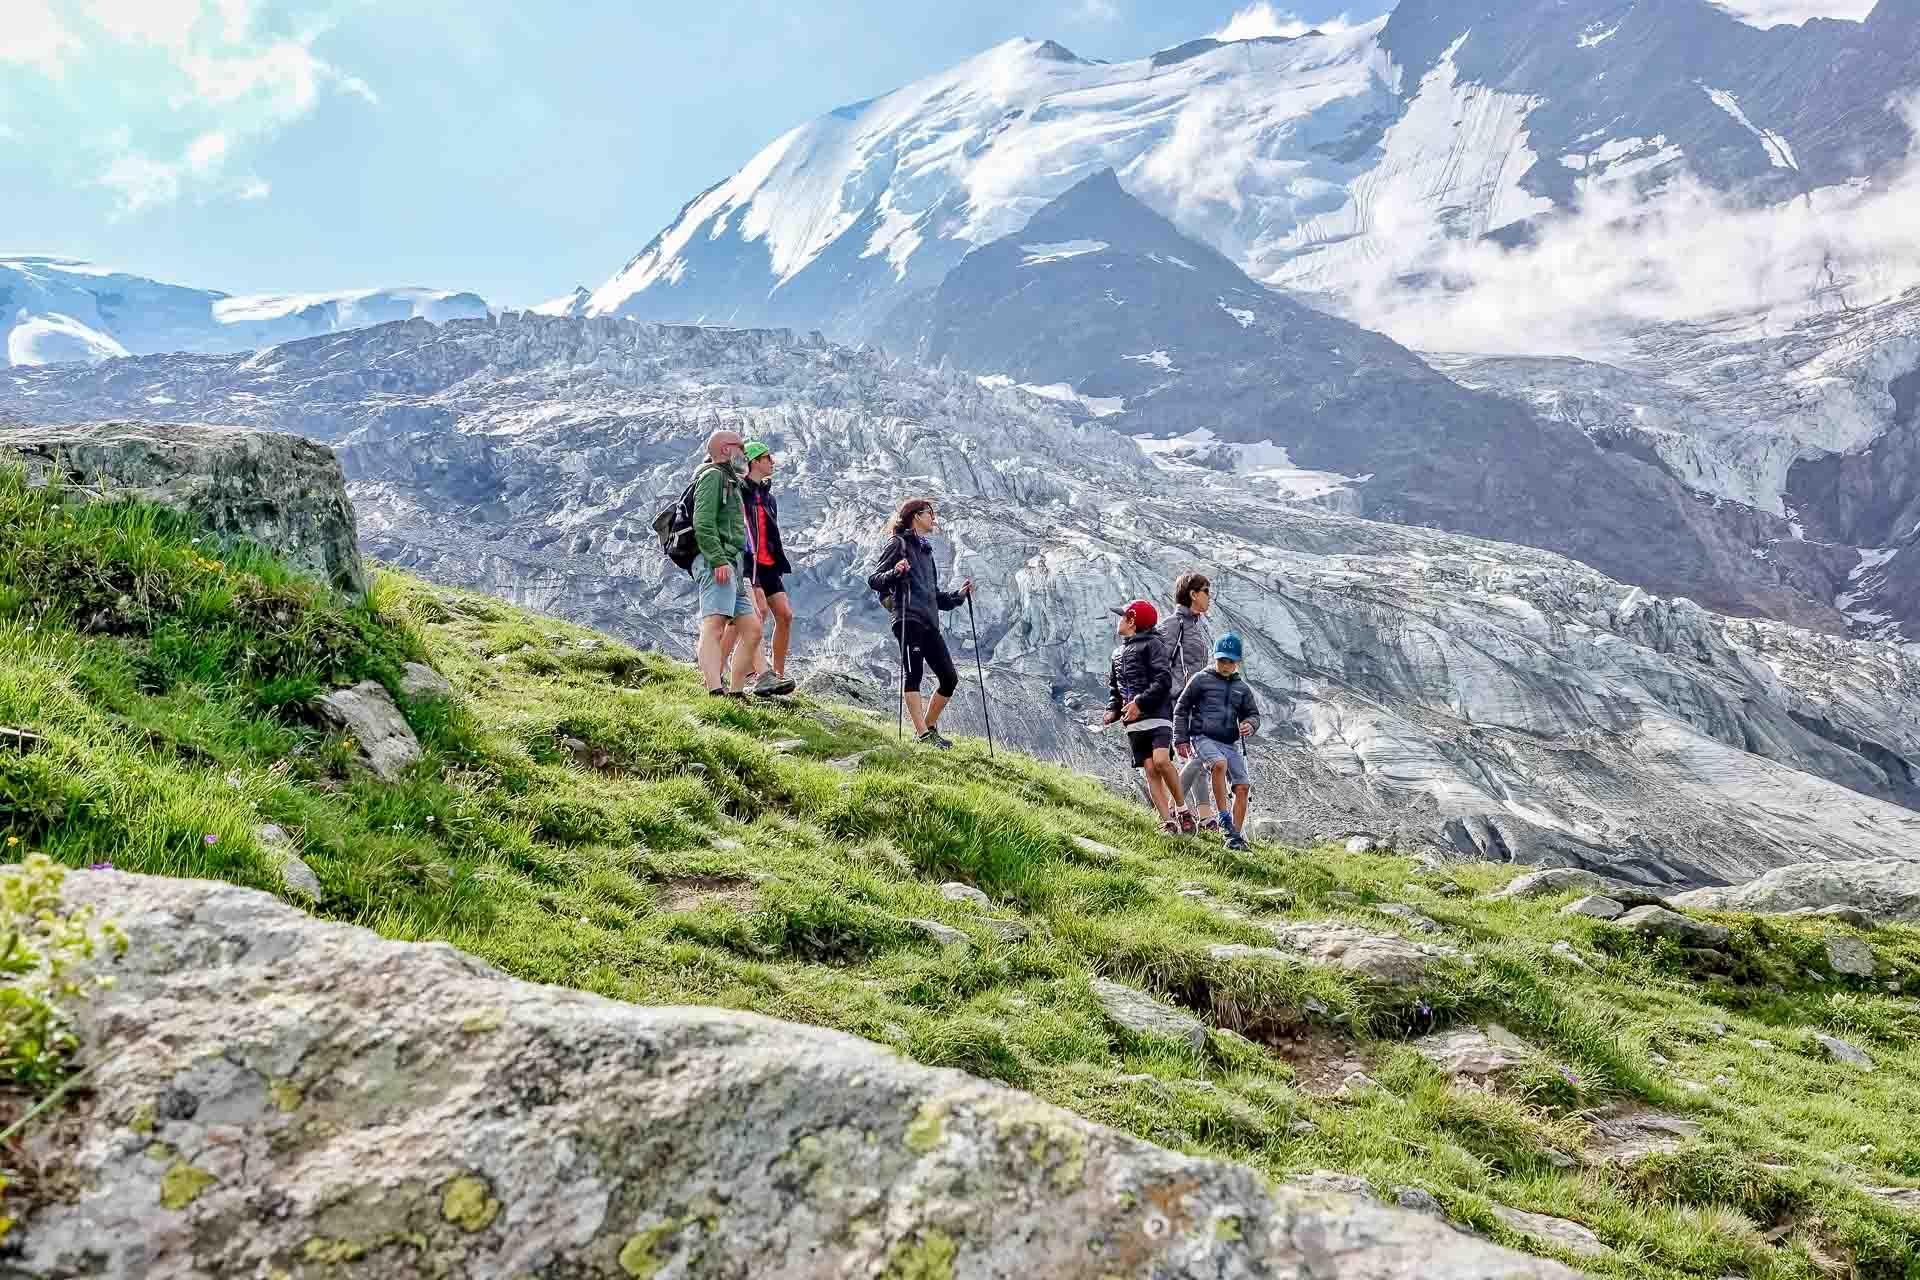 Même en été, la haute montagne et les glaciers, ici le glacier de Bionnassay, restent couvert de neige © Boris Molinier